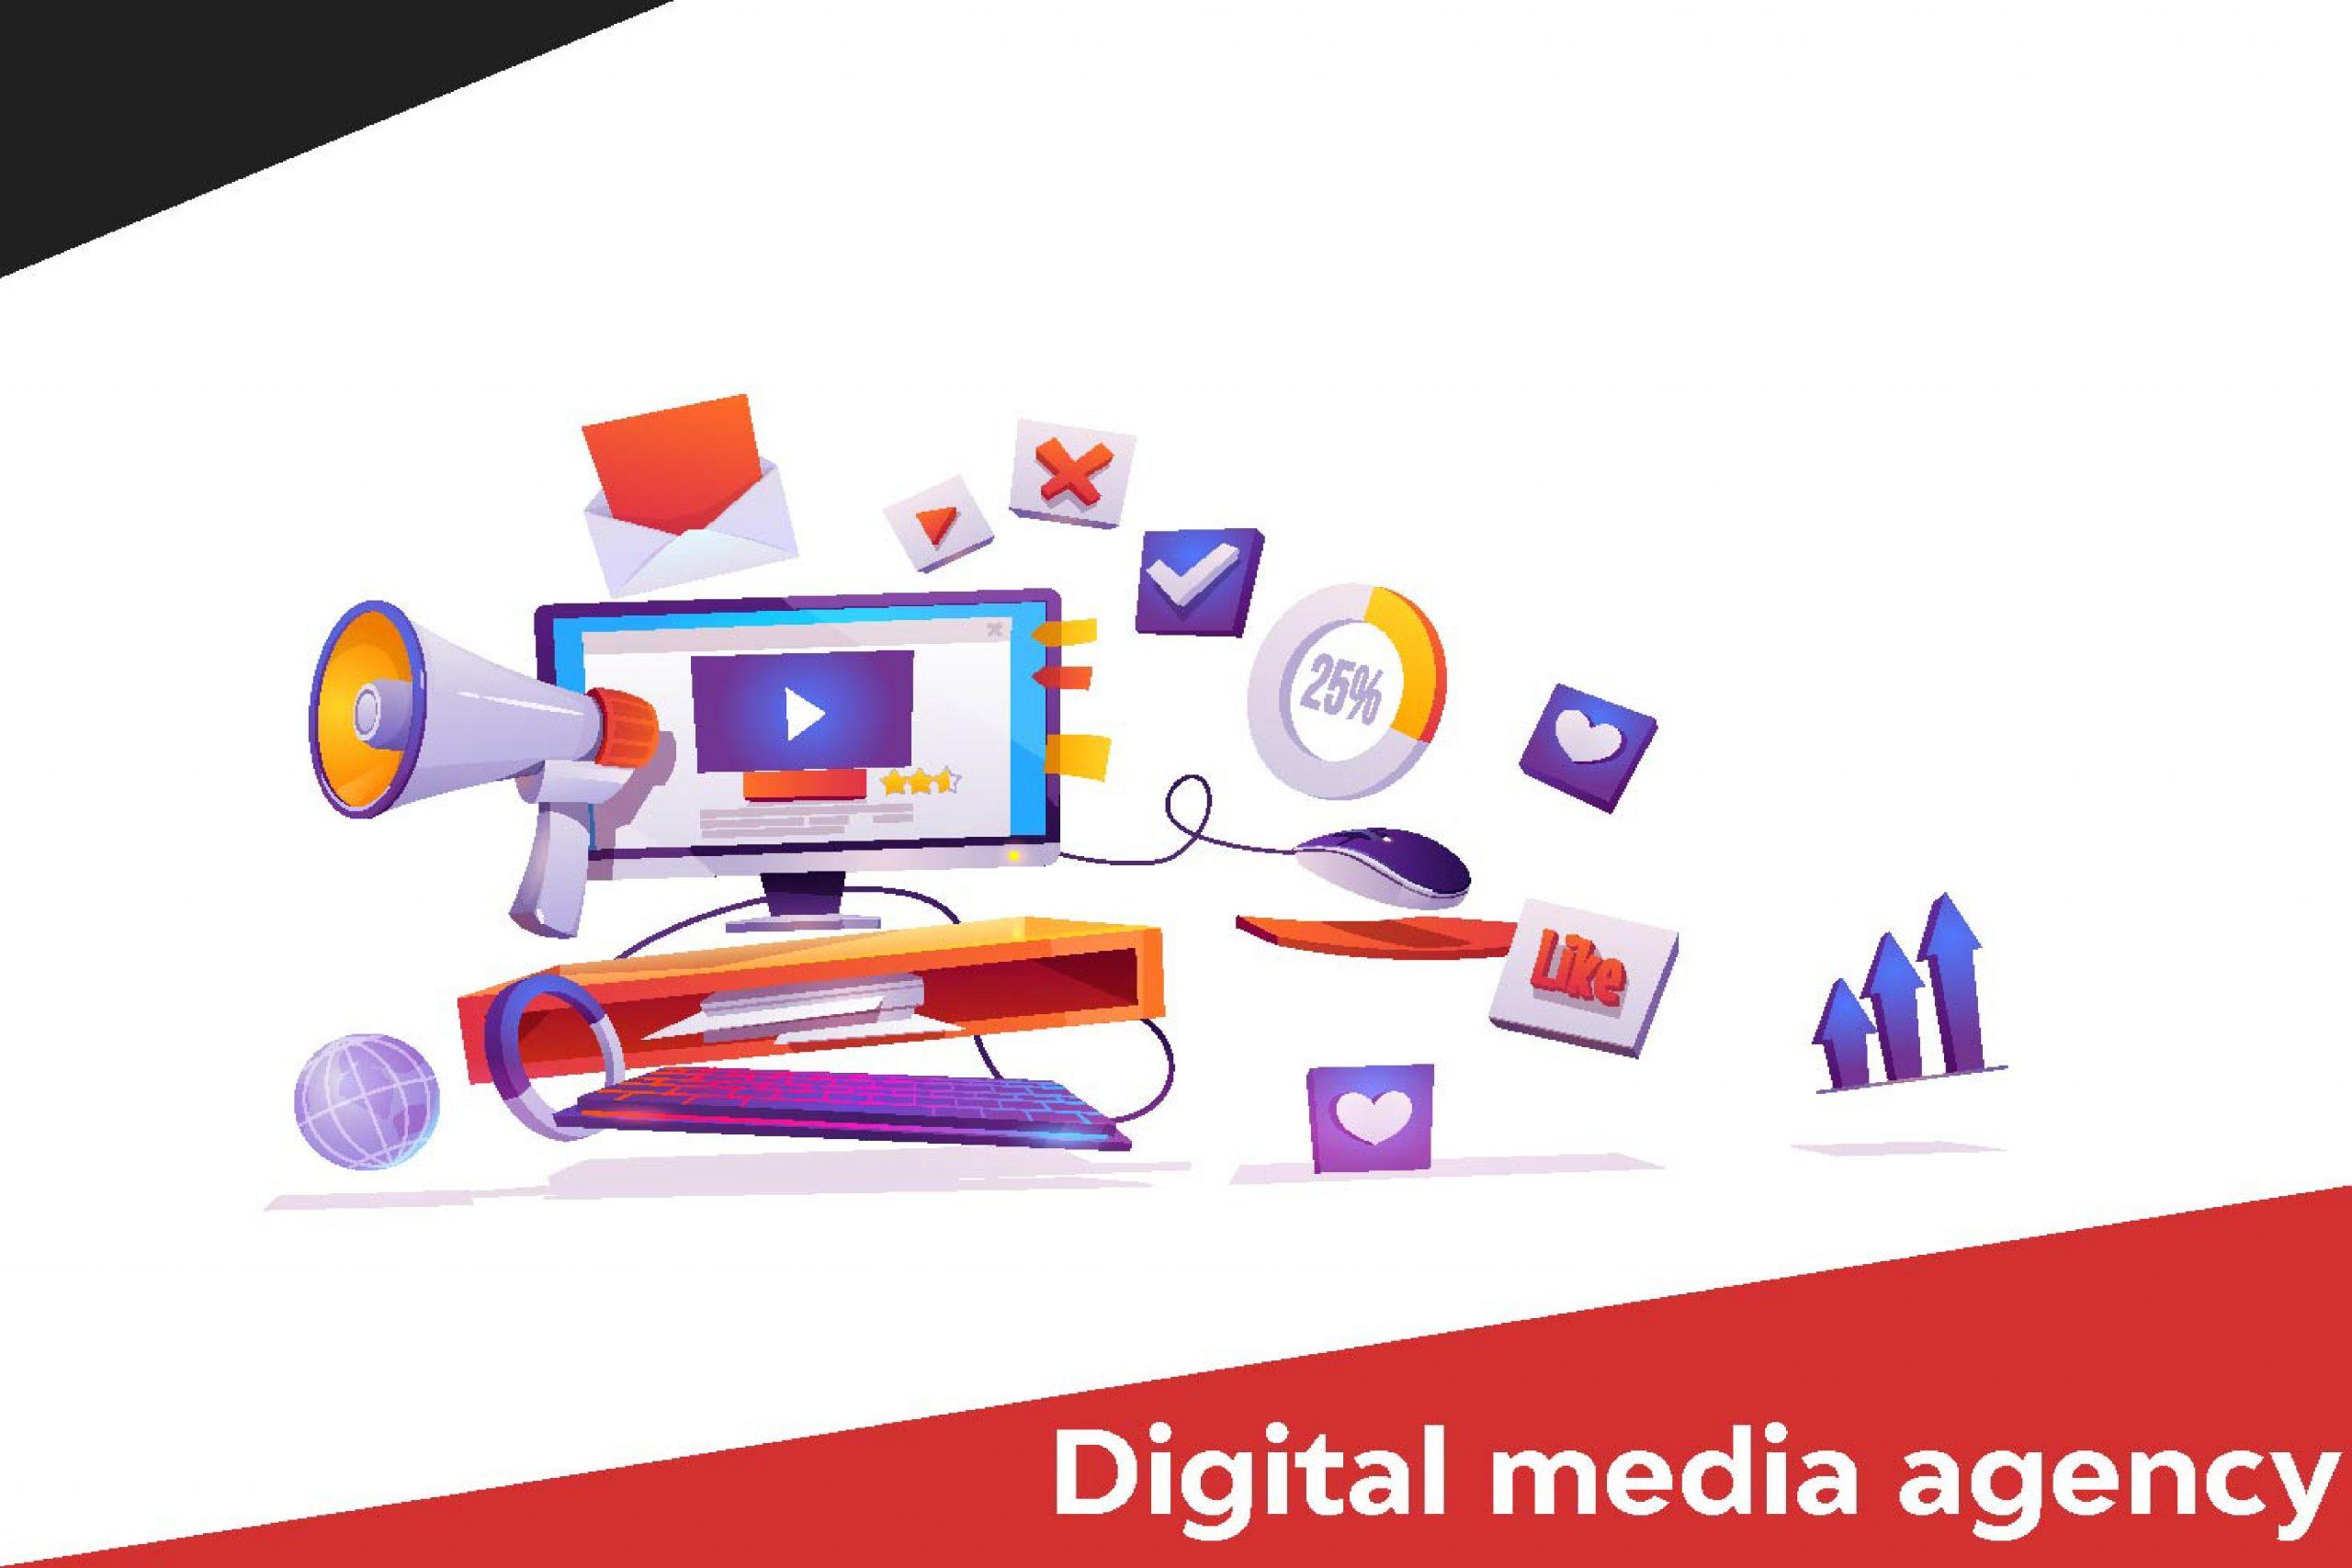 Digital media agency